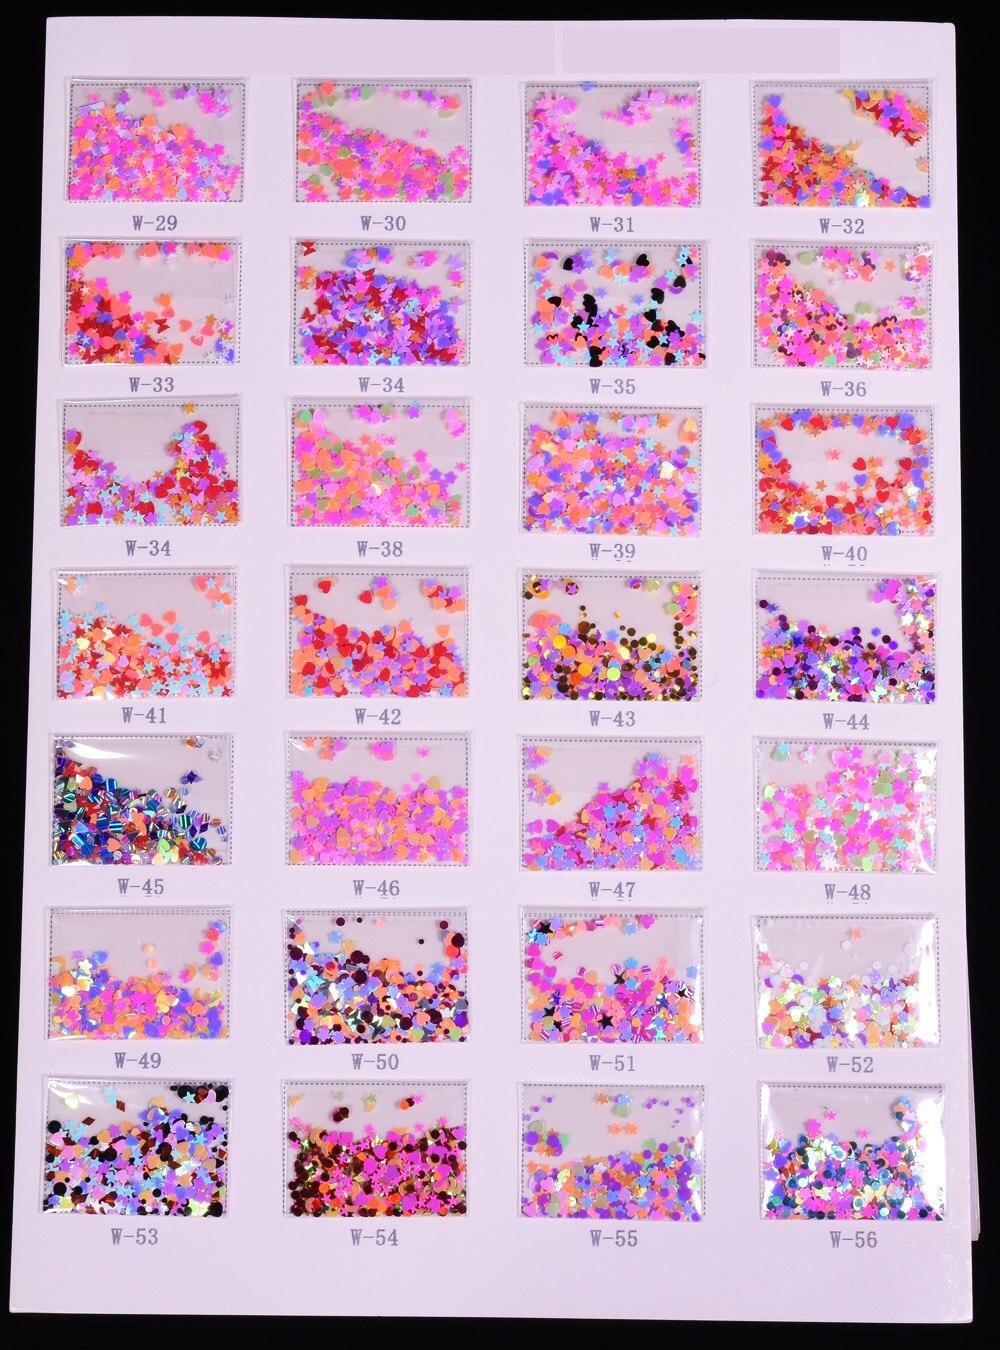 1kg/69,50Euro - bag glitter mix Nail Art Glitter /Fantasy glitter Heart Stars butterflies nail art glitter shape spangle sequins1kg/69,50Euro - bag glitter mix Nail Art Glitter /Fantasy glitter Heart Stars butterflies nail art glitter shape spangle sequins